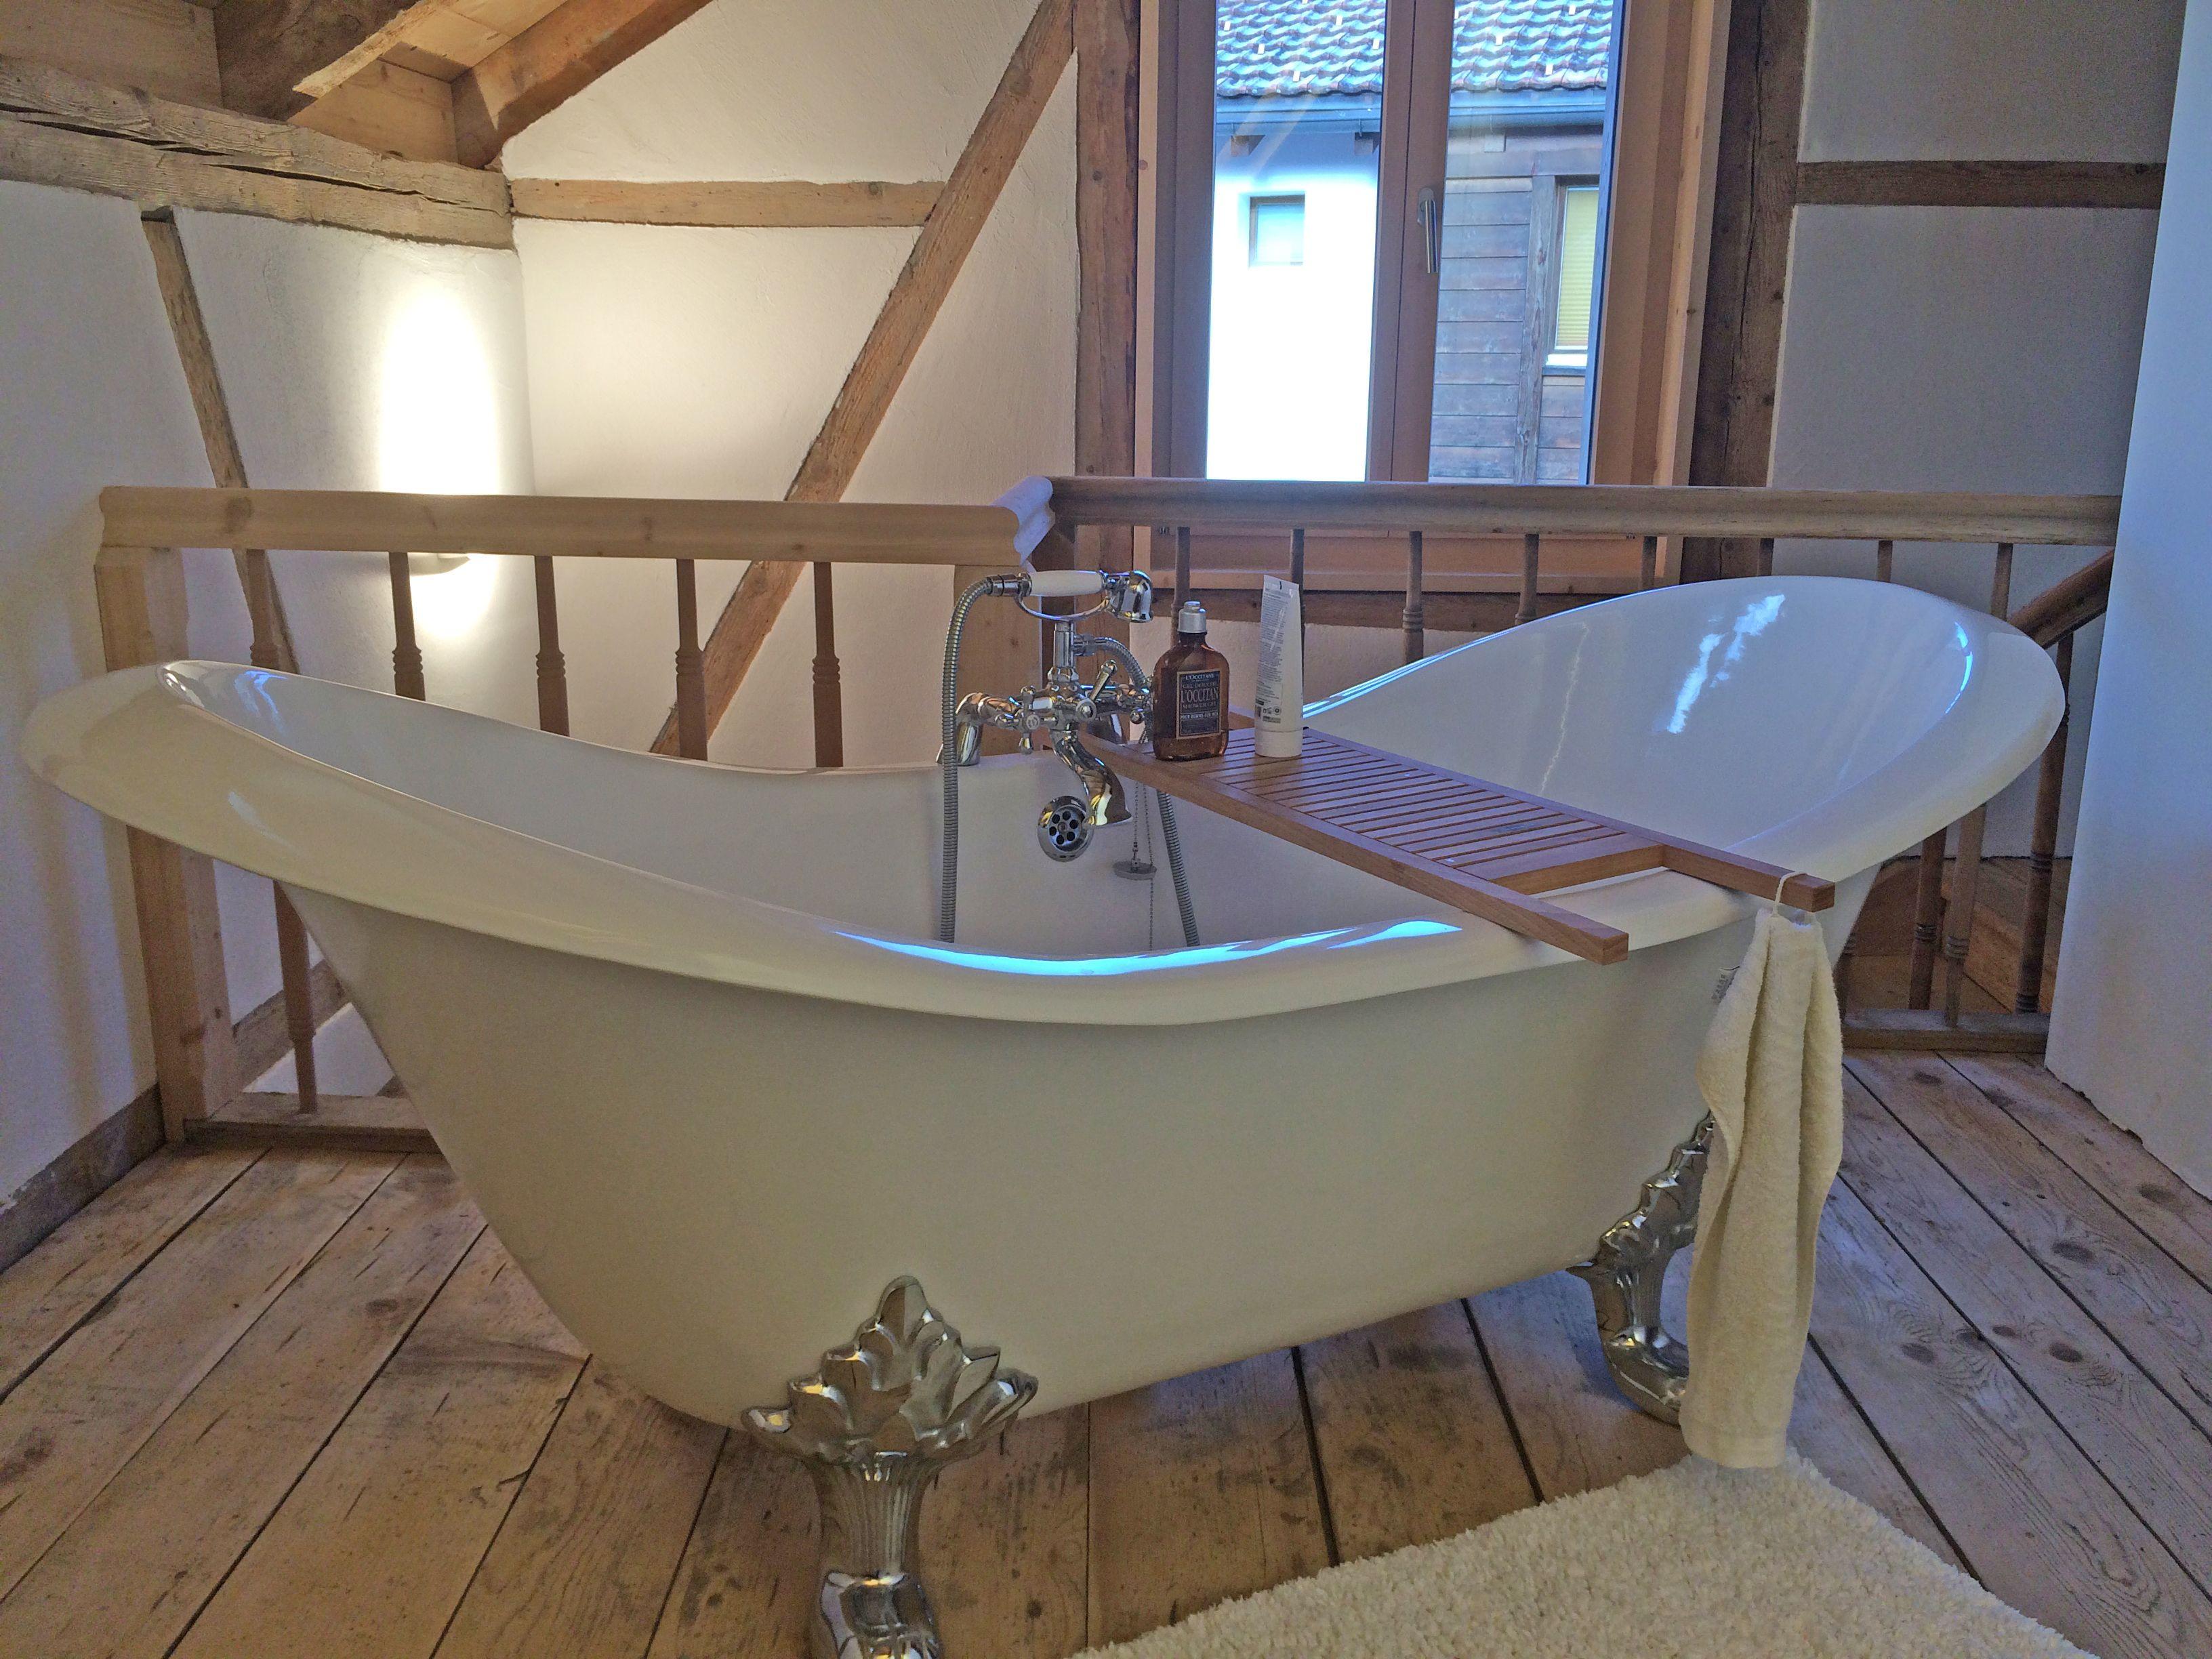 20 Fachwerk Bad Ideen   fachwerk, badezimmerideen, badezimmer ...